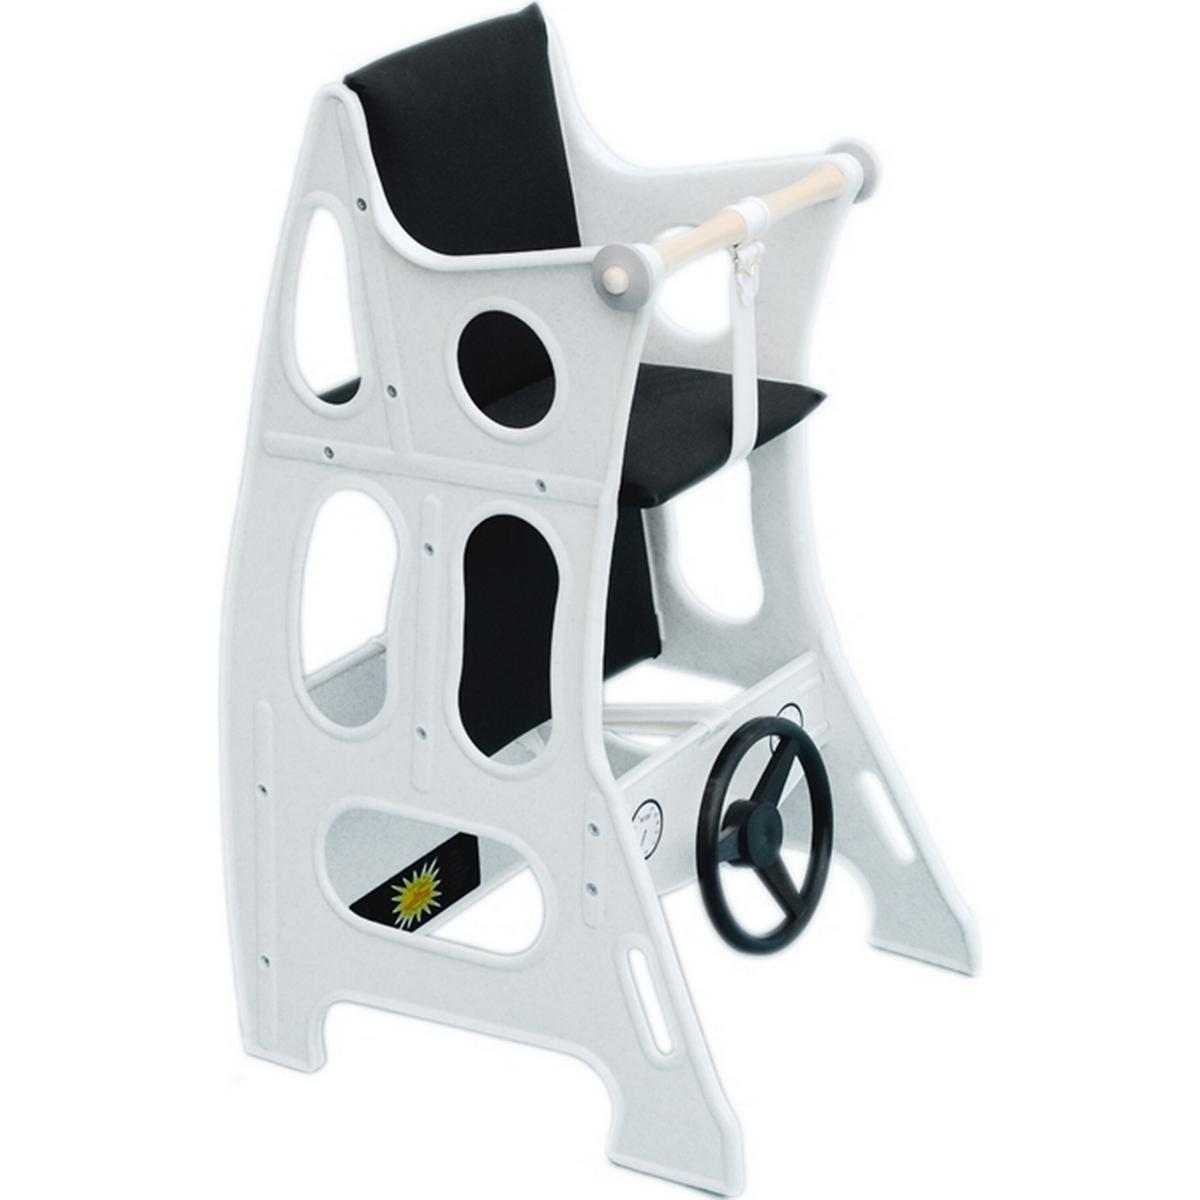 Baby high chair • Find den billigste pris hos PriceRunner nu »